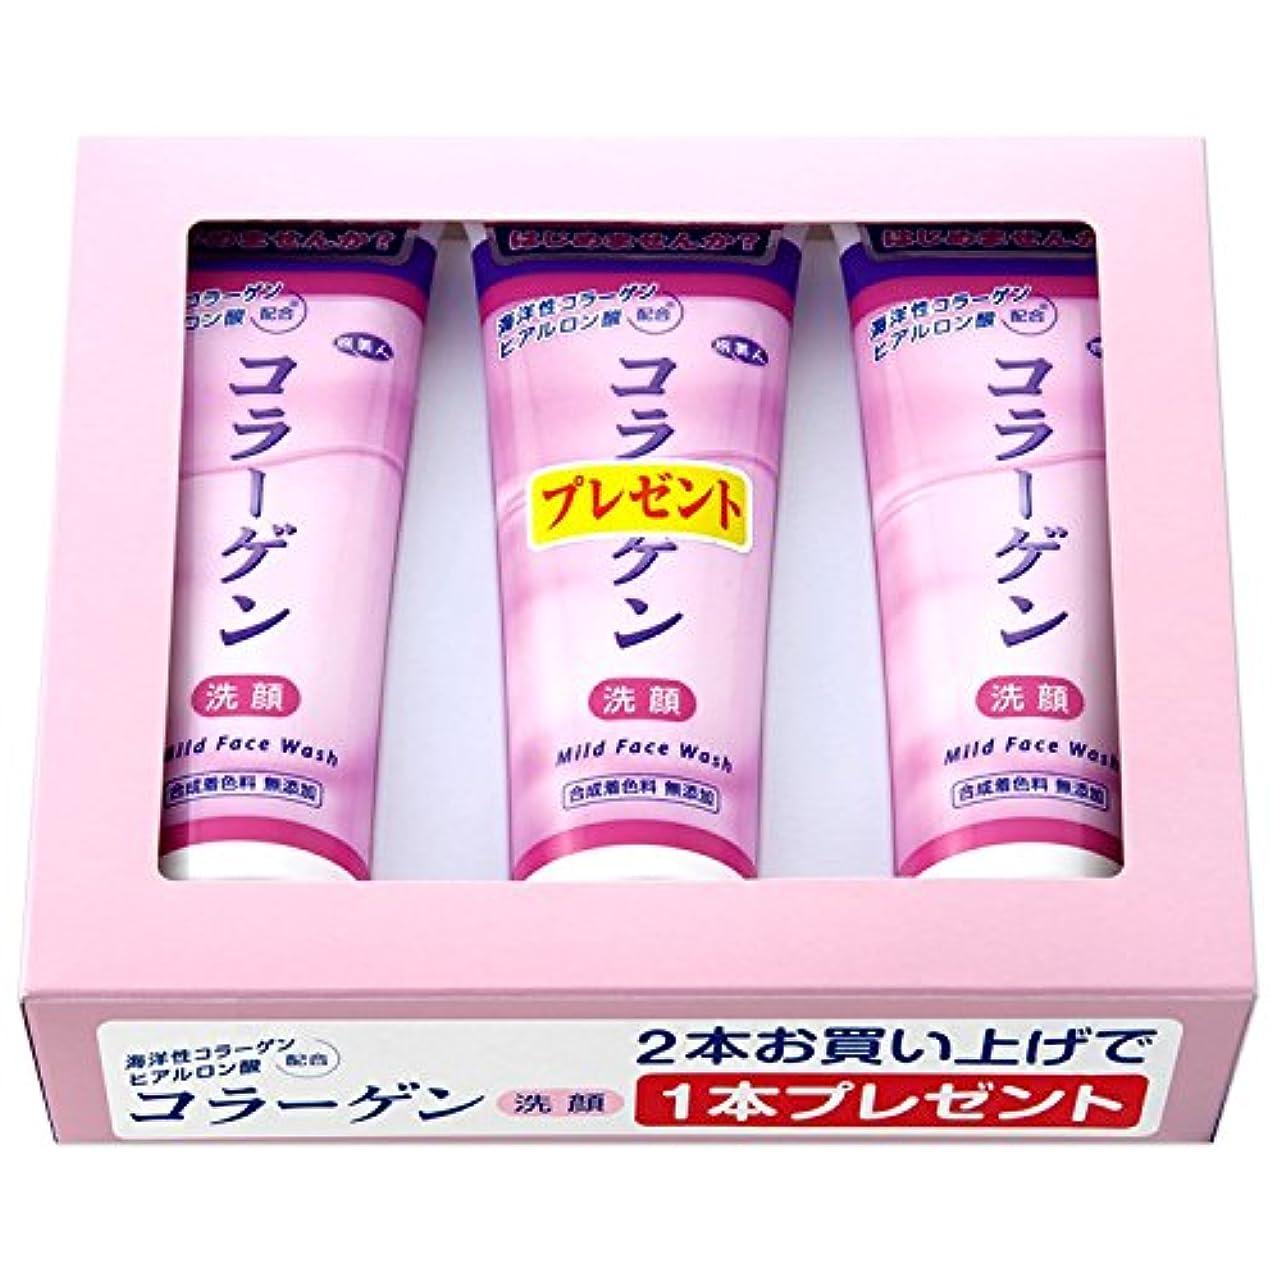 庭園結核再現するアズマ商事の コラーゲン洗顔クリーム お得な 2本の値段で3本入りセット